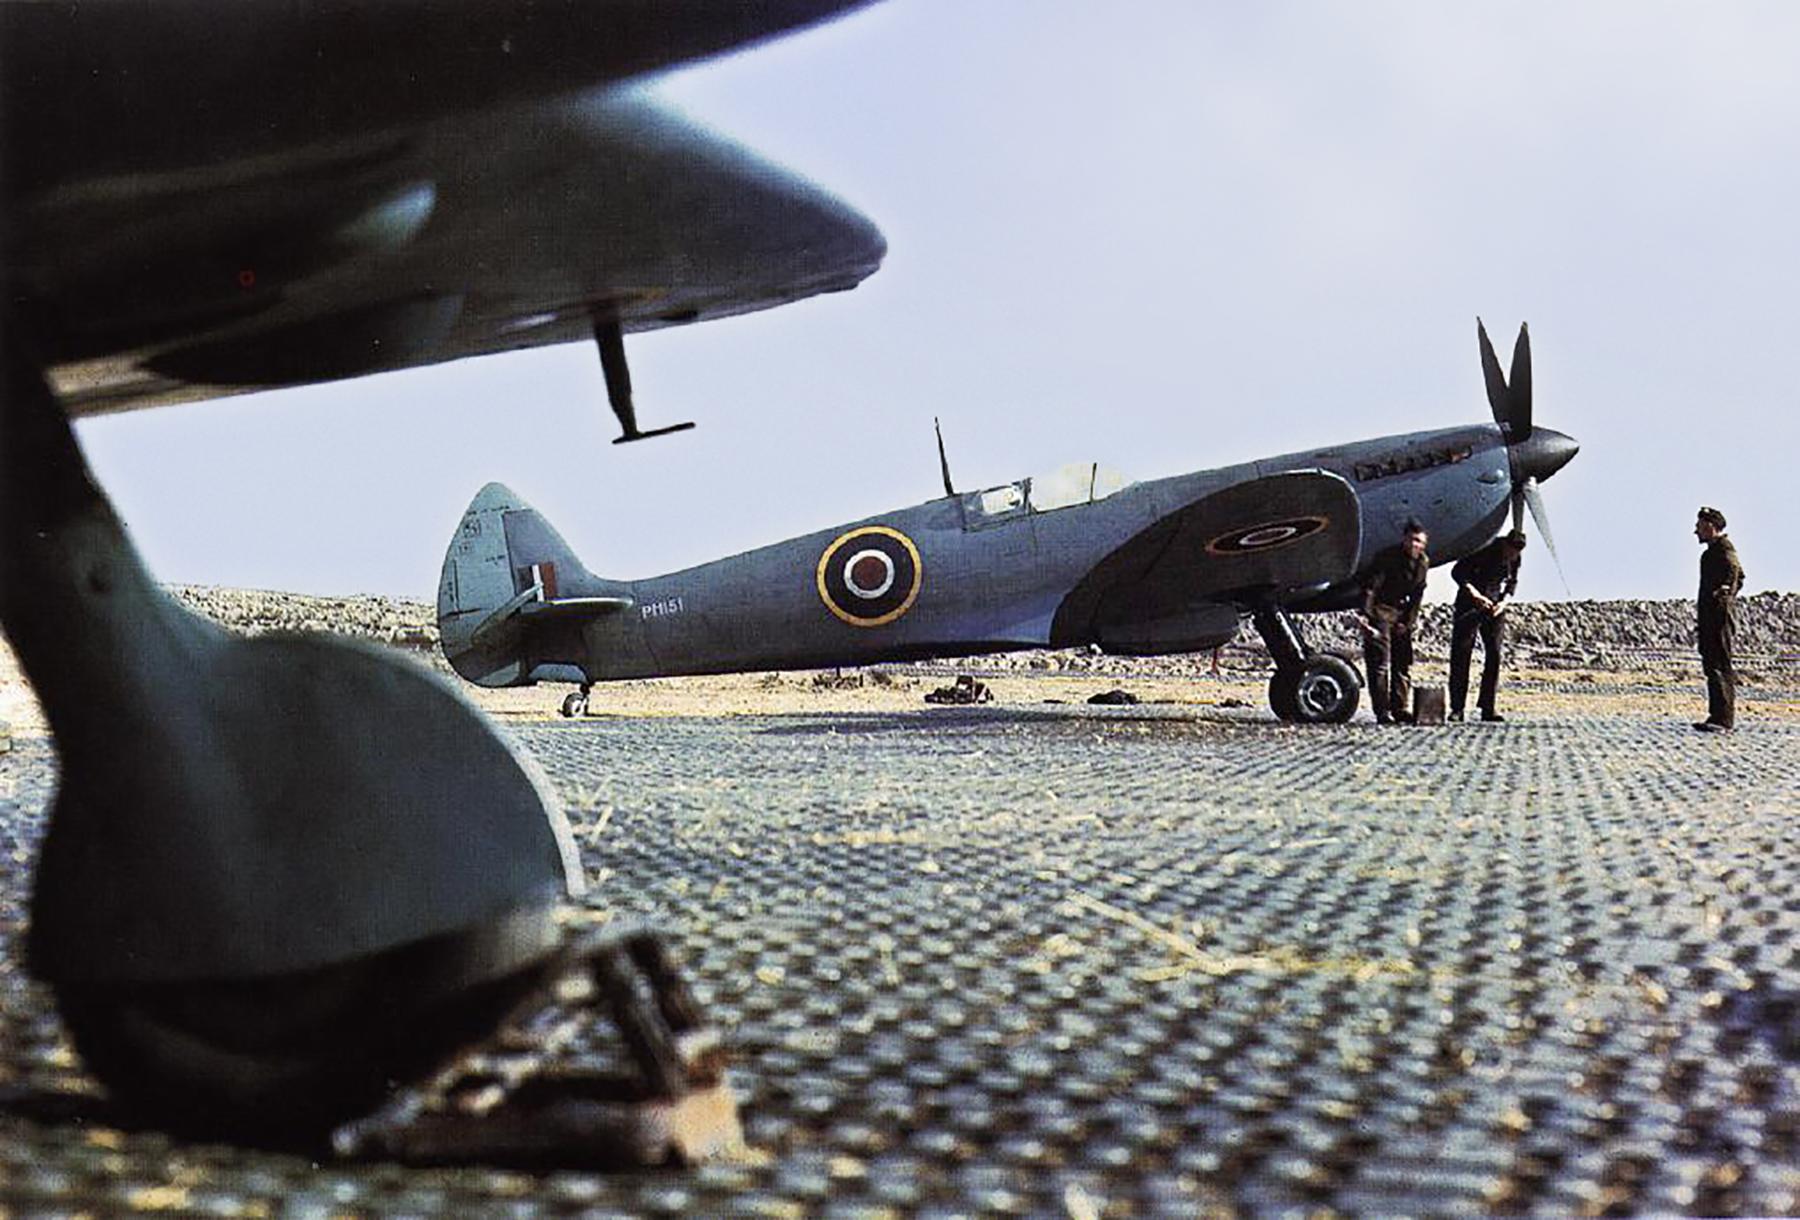 Spitfire PRIX RCAF 400Sqn PS831 B90 Petit Brogel Belgium Apr 1945 01